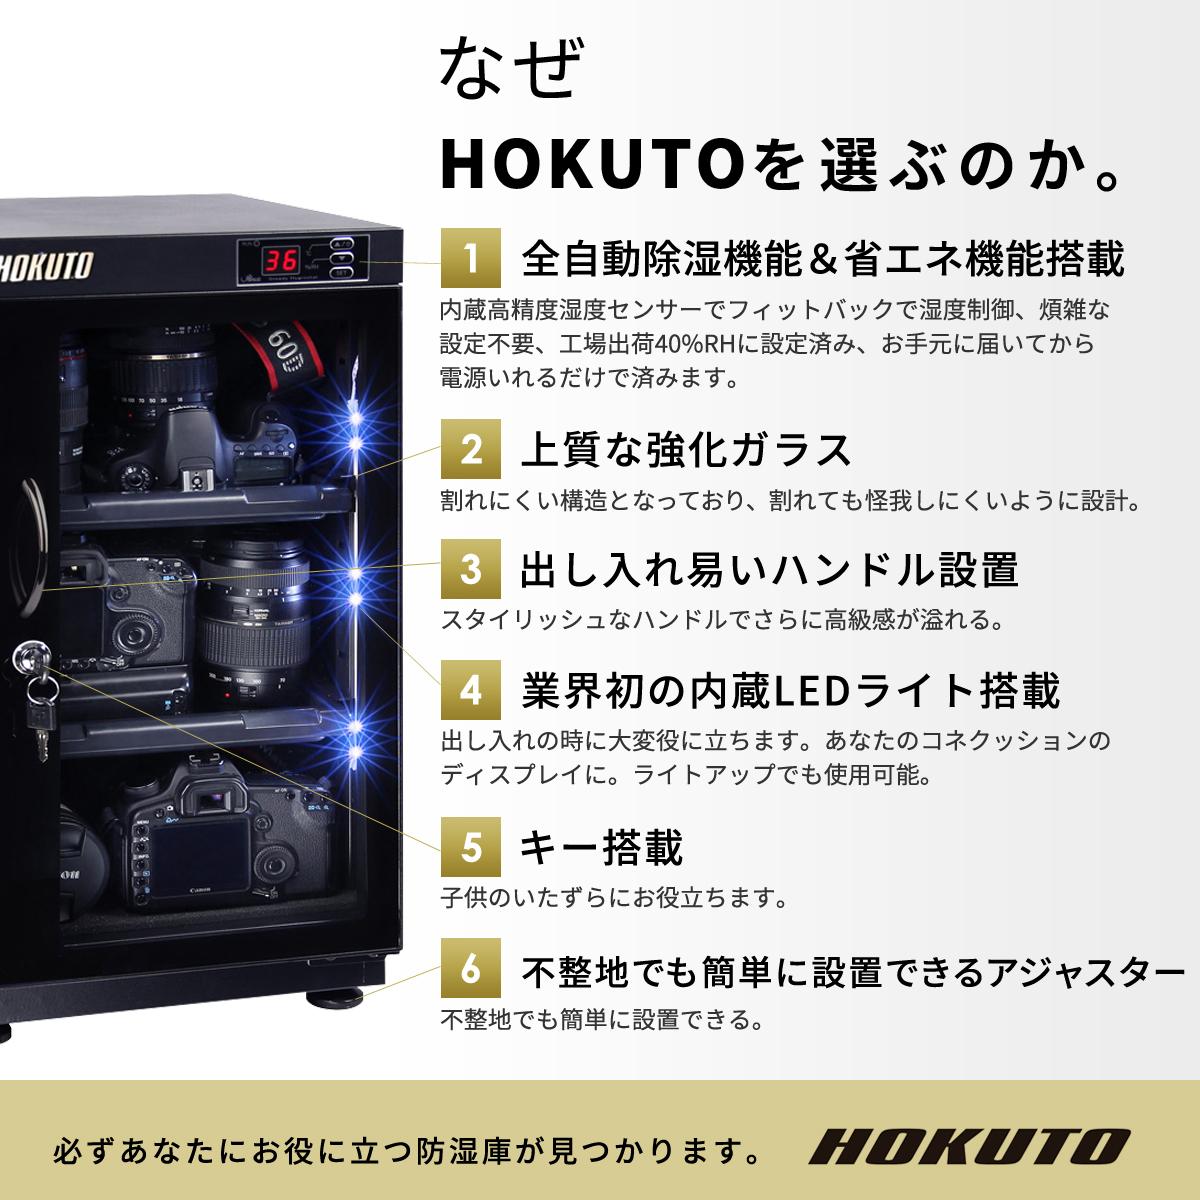 HOKUTO防湿庫・ドライボックス HPシリーズ48L 5年保証送料無料 全自動除湿機能 省エネ機能搭載 スタイリッシュ カメラやレンズのカビ対策楽々、静音、無振動カメラ保管庫 デシケーター カメラカビ対策 除湿庫 レンズカビ対策 ドライキャビネット 5年保証 送